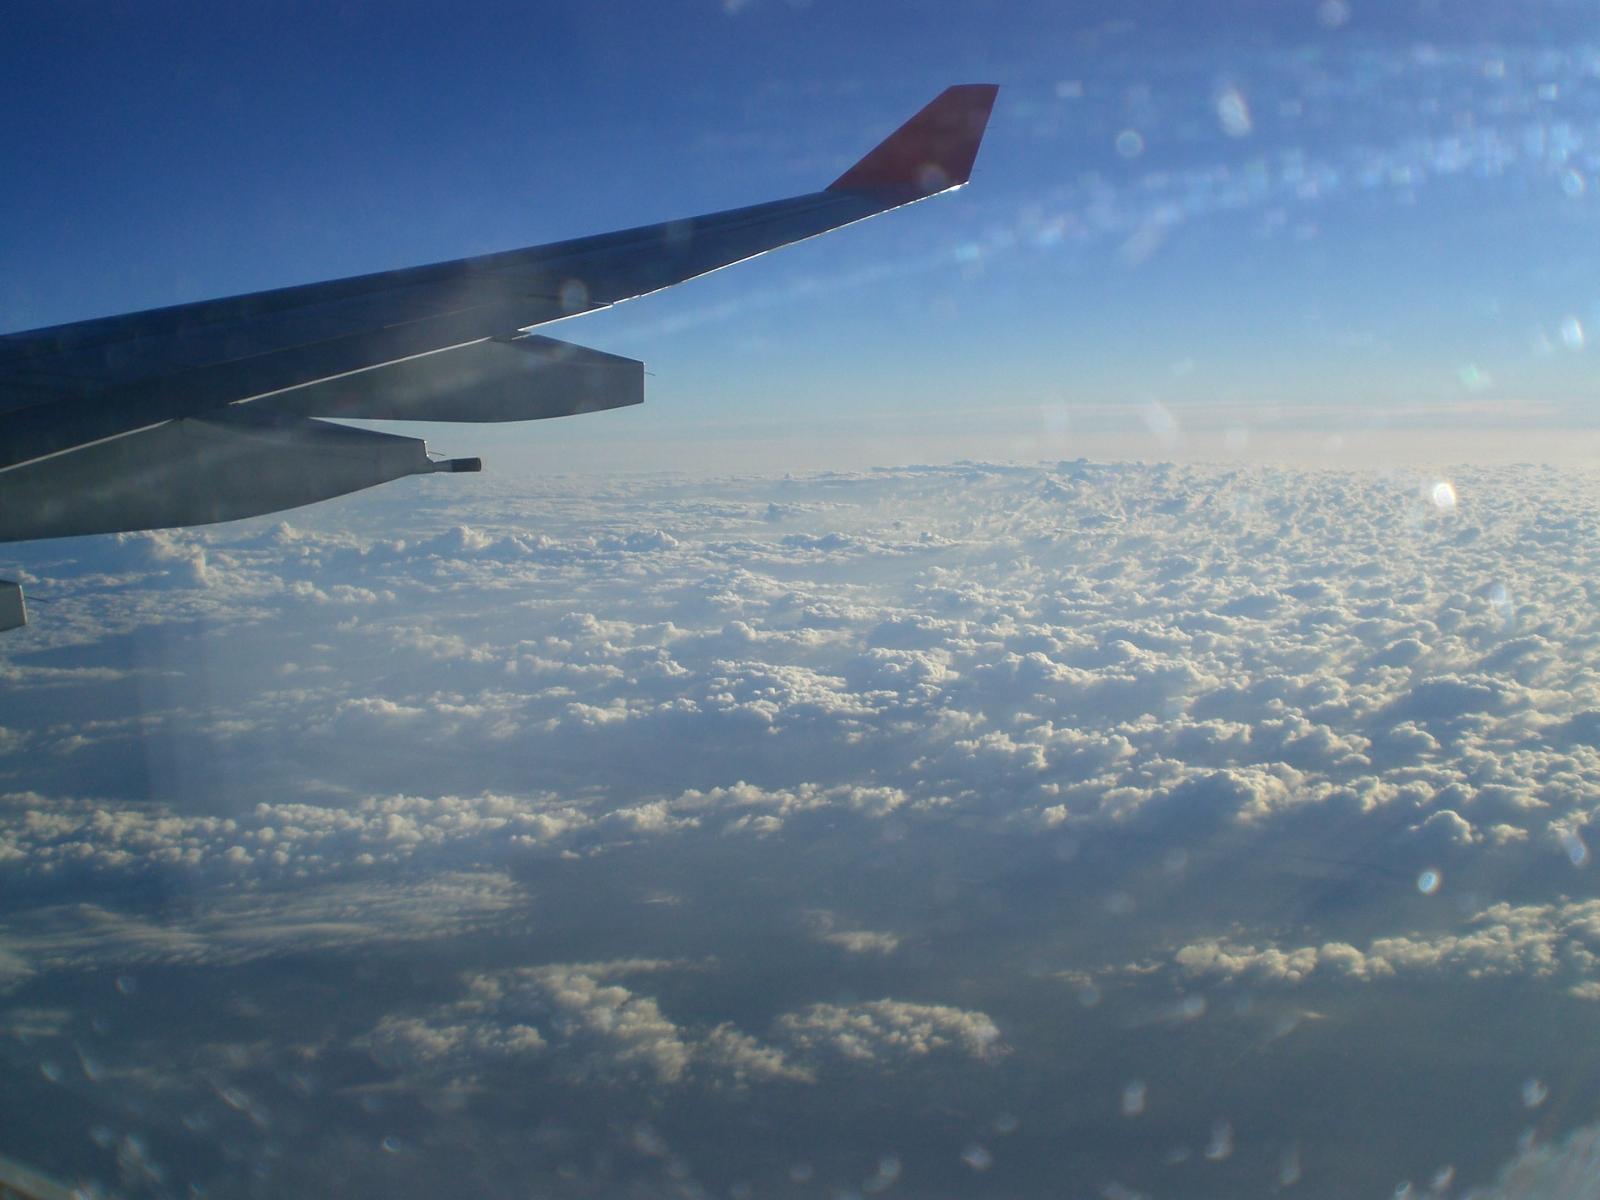 Básico de quem nunca andou de avião tirar foto das nuvens huahua #40638B 1600 1200